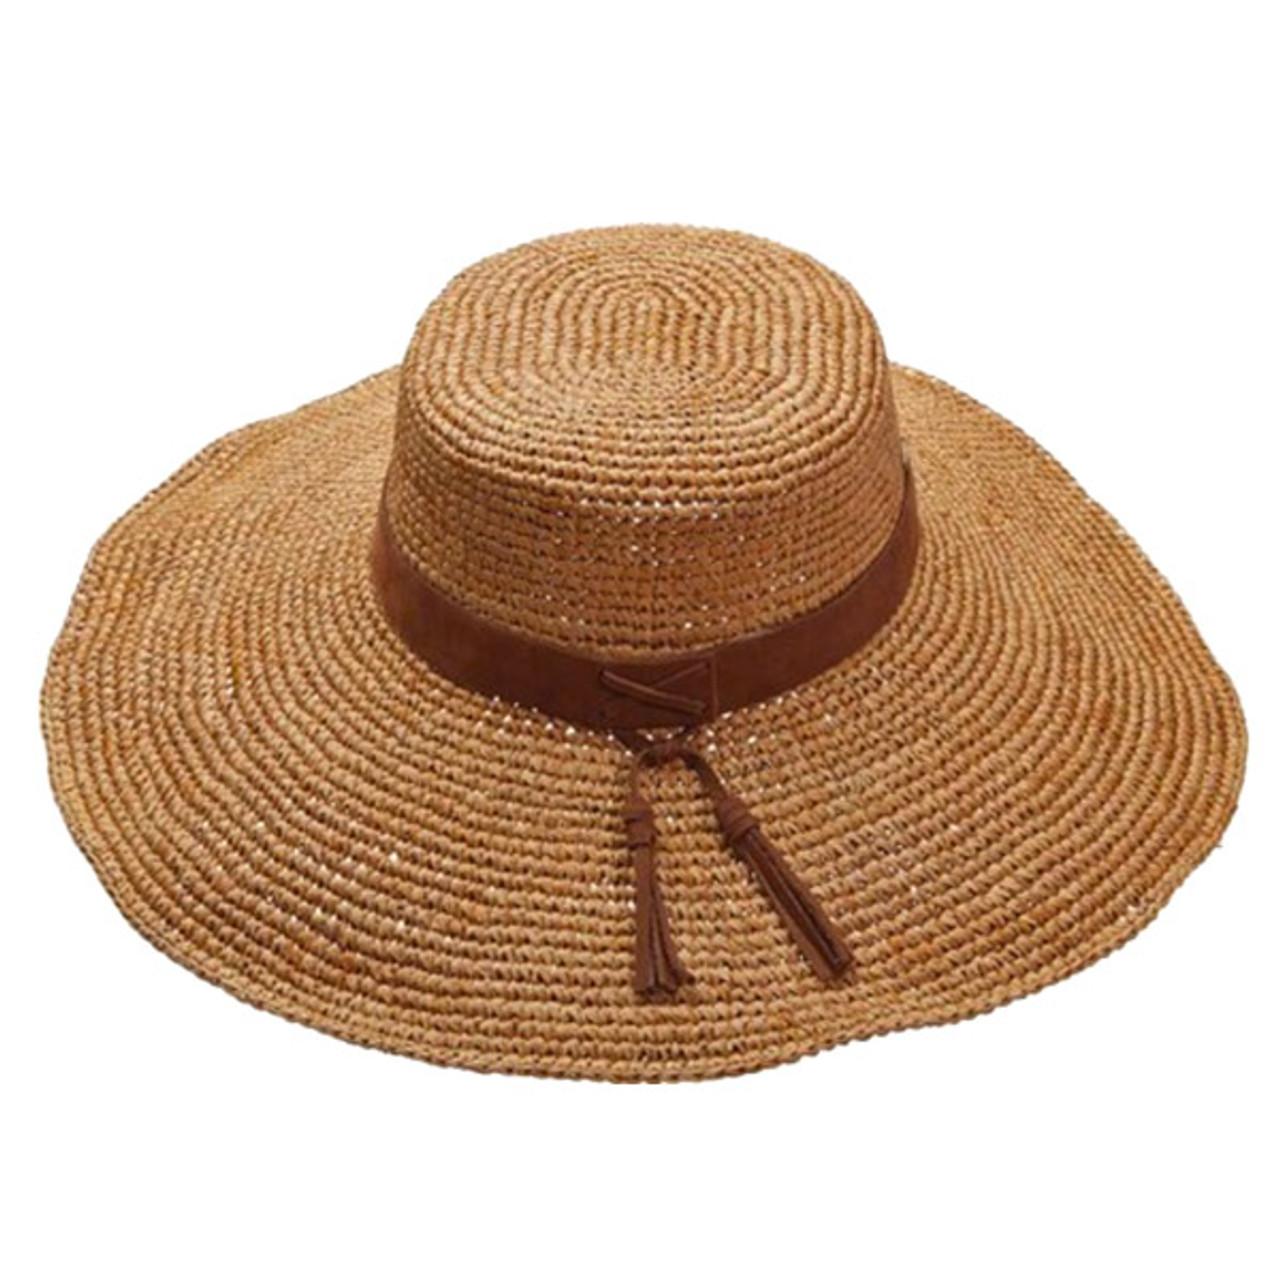 2acc4fe519e53 Scala | Raffia Crochet Boater Hat | Hats Unlimited